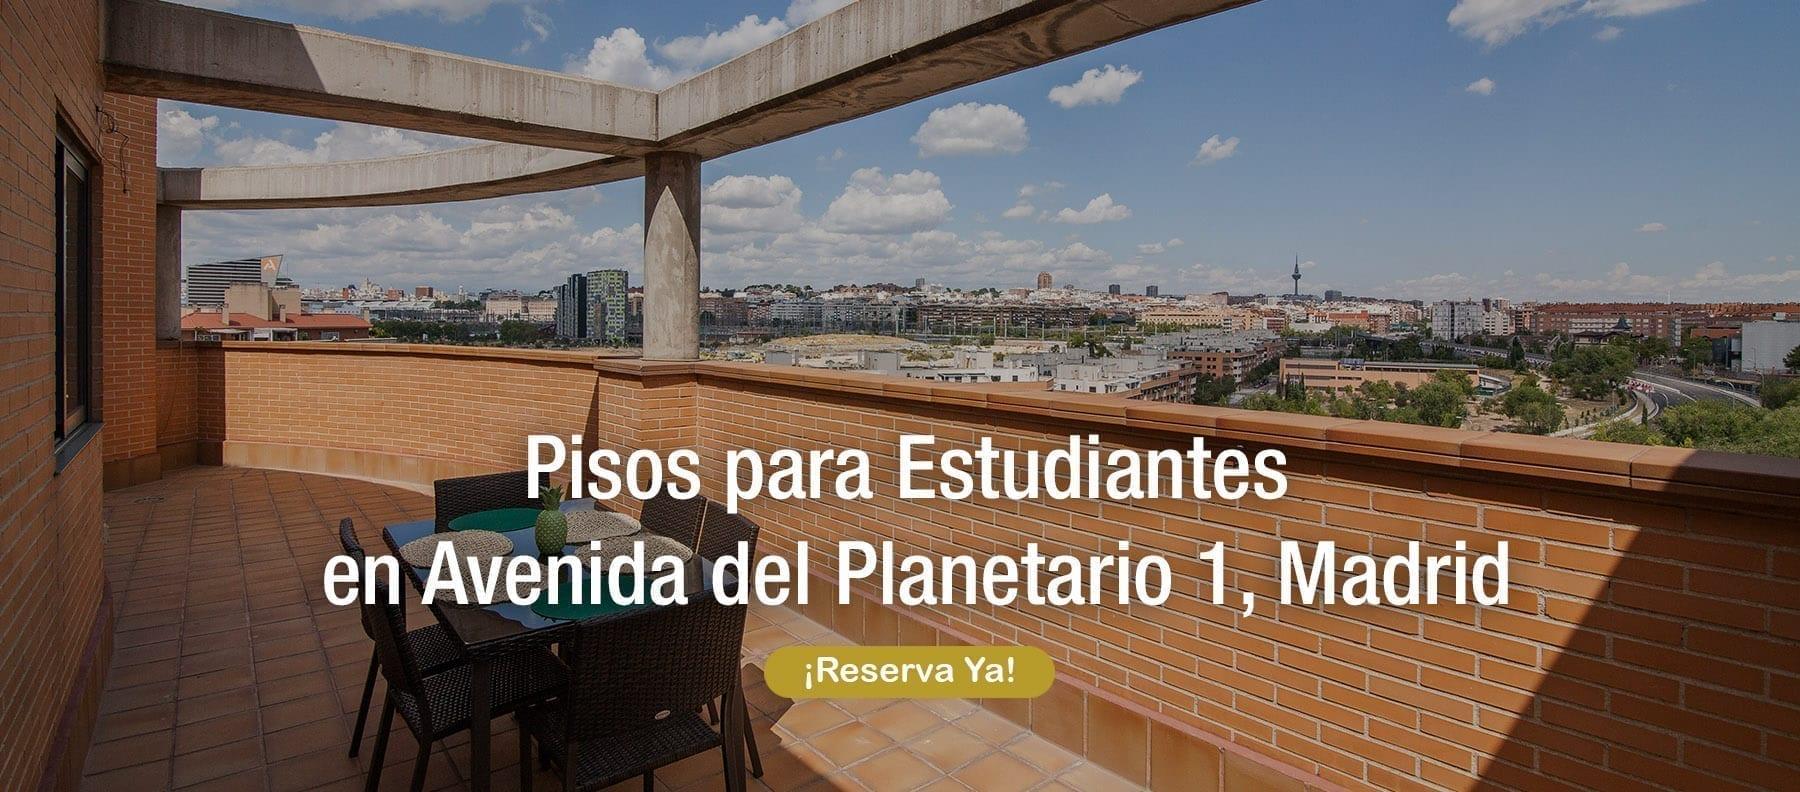 pisos para estudiantes en avenida del planetario 1